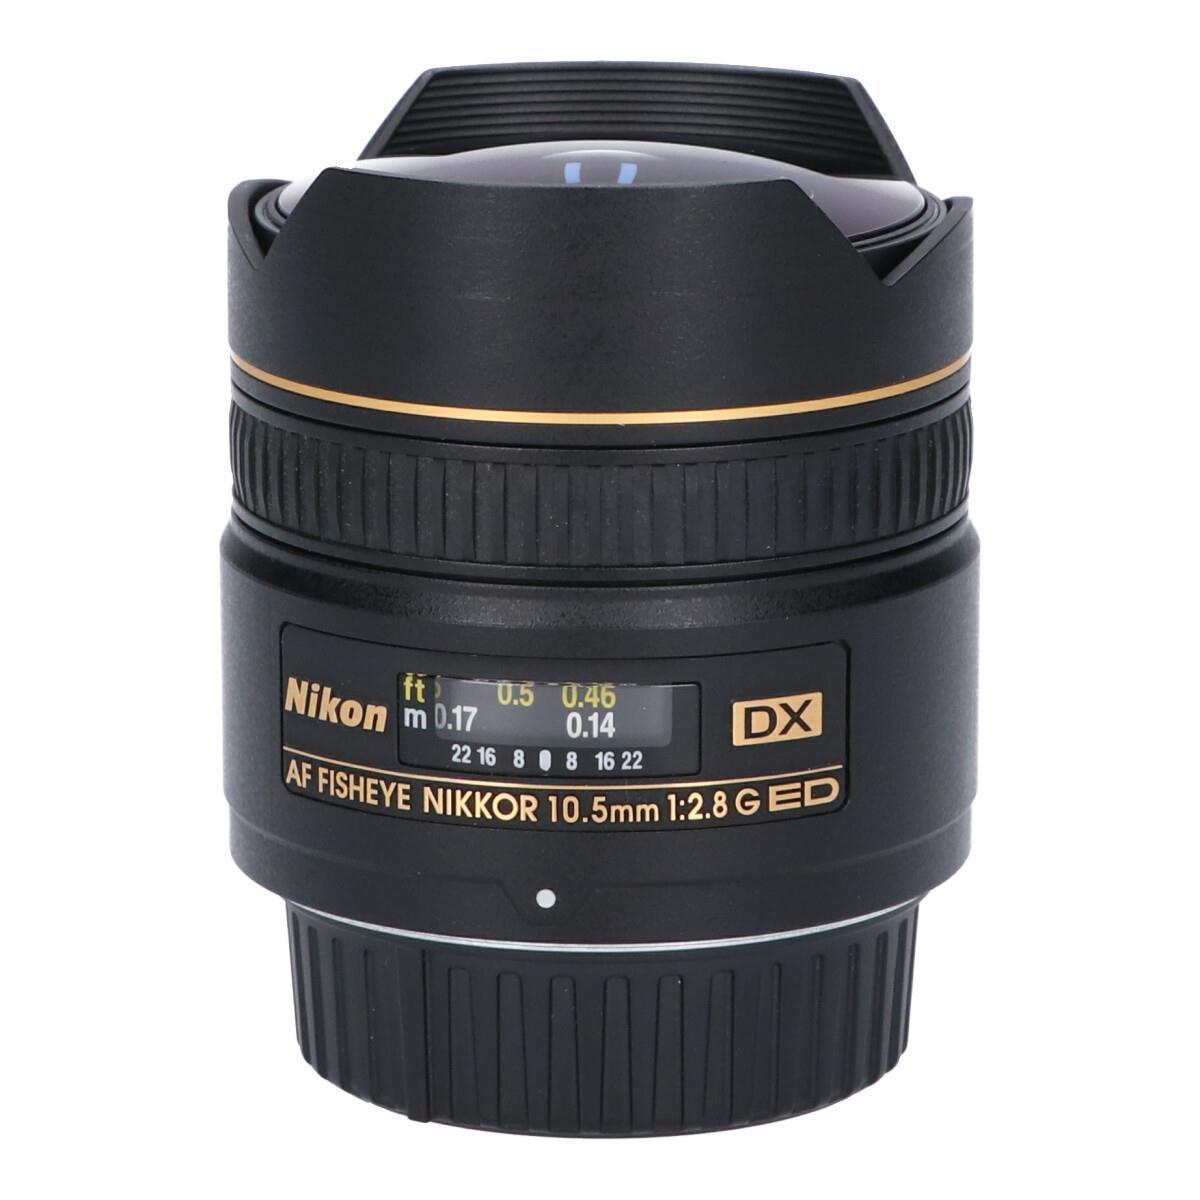 NIKON AF DX10.5mm F2.8G FISHEYE【中古】